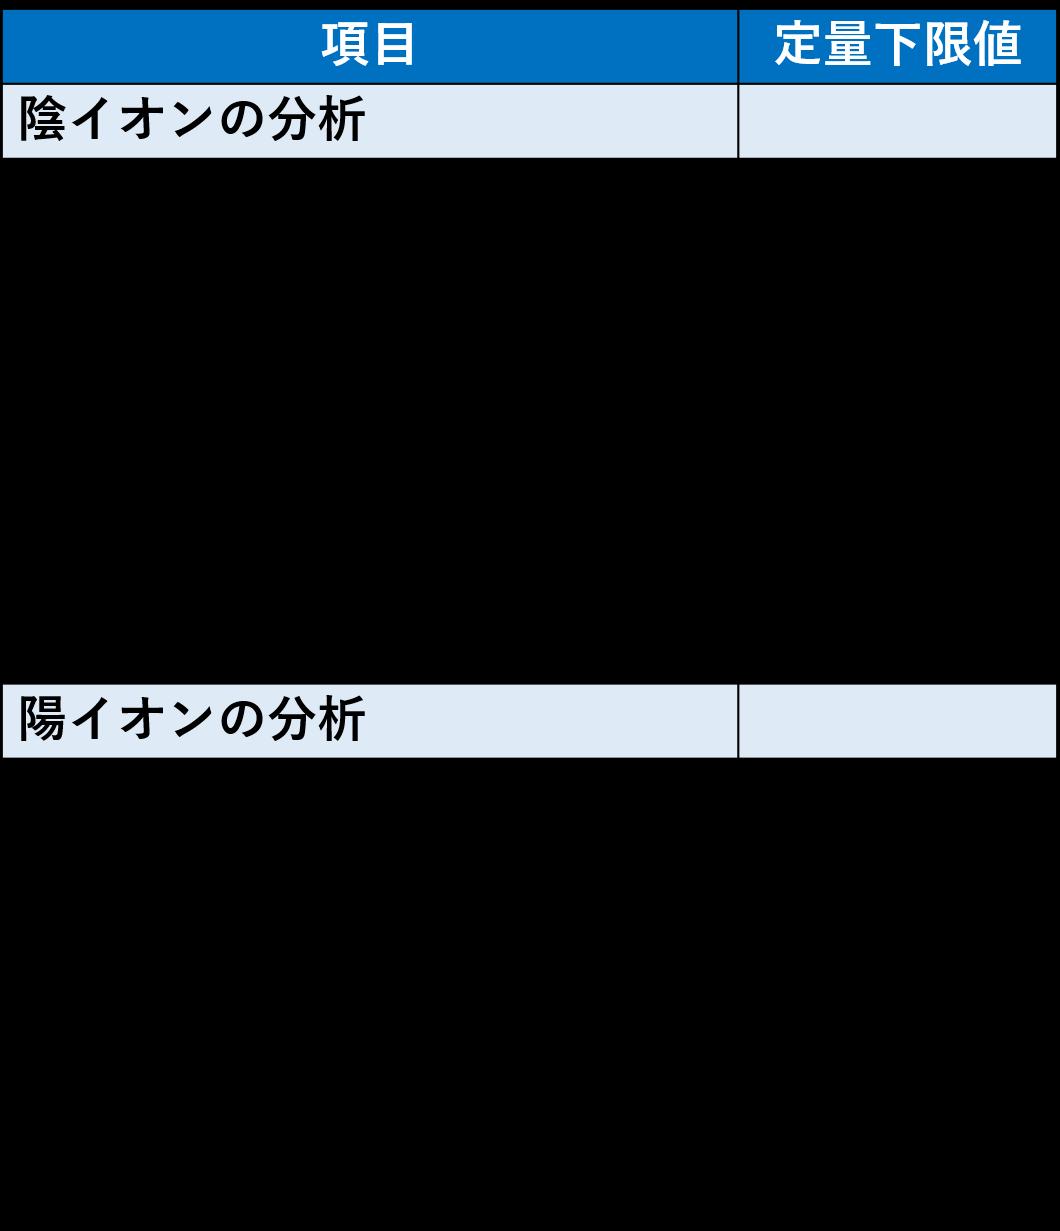 ionkuromatogurafi-teiryoukagenchi